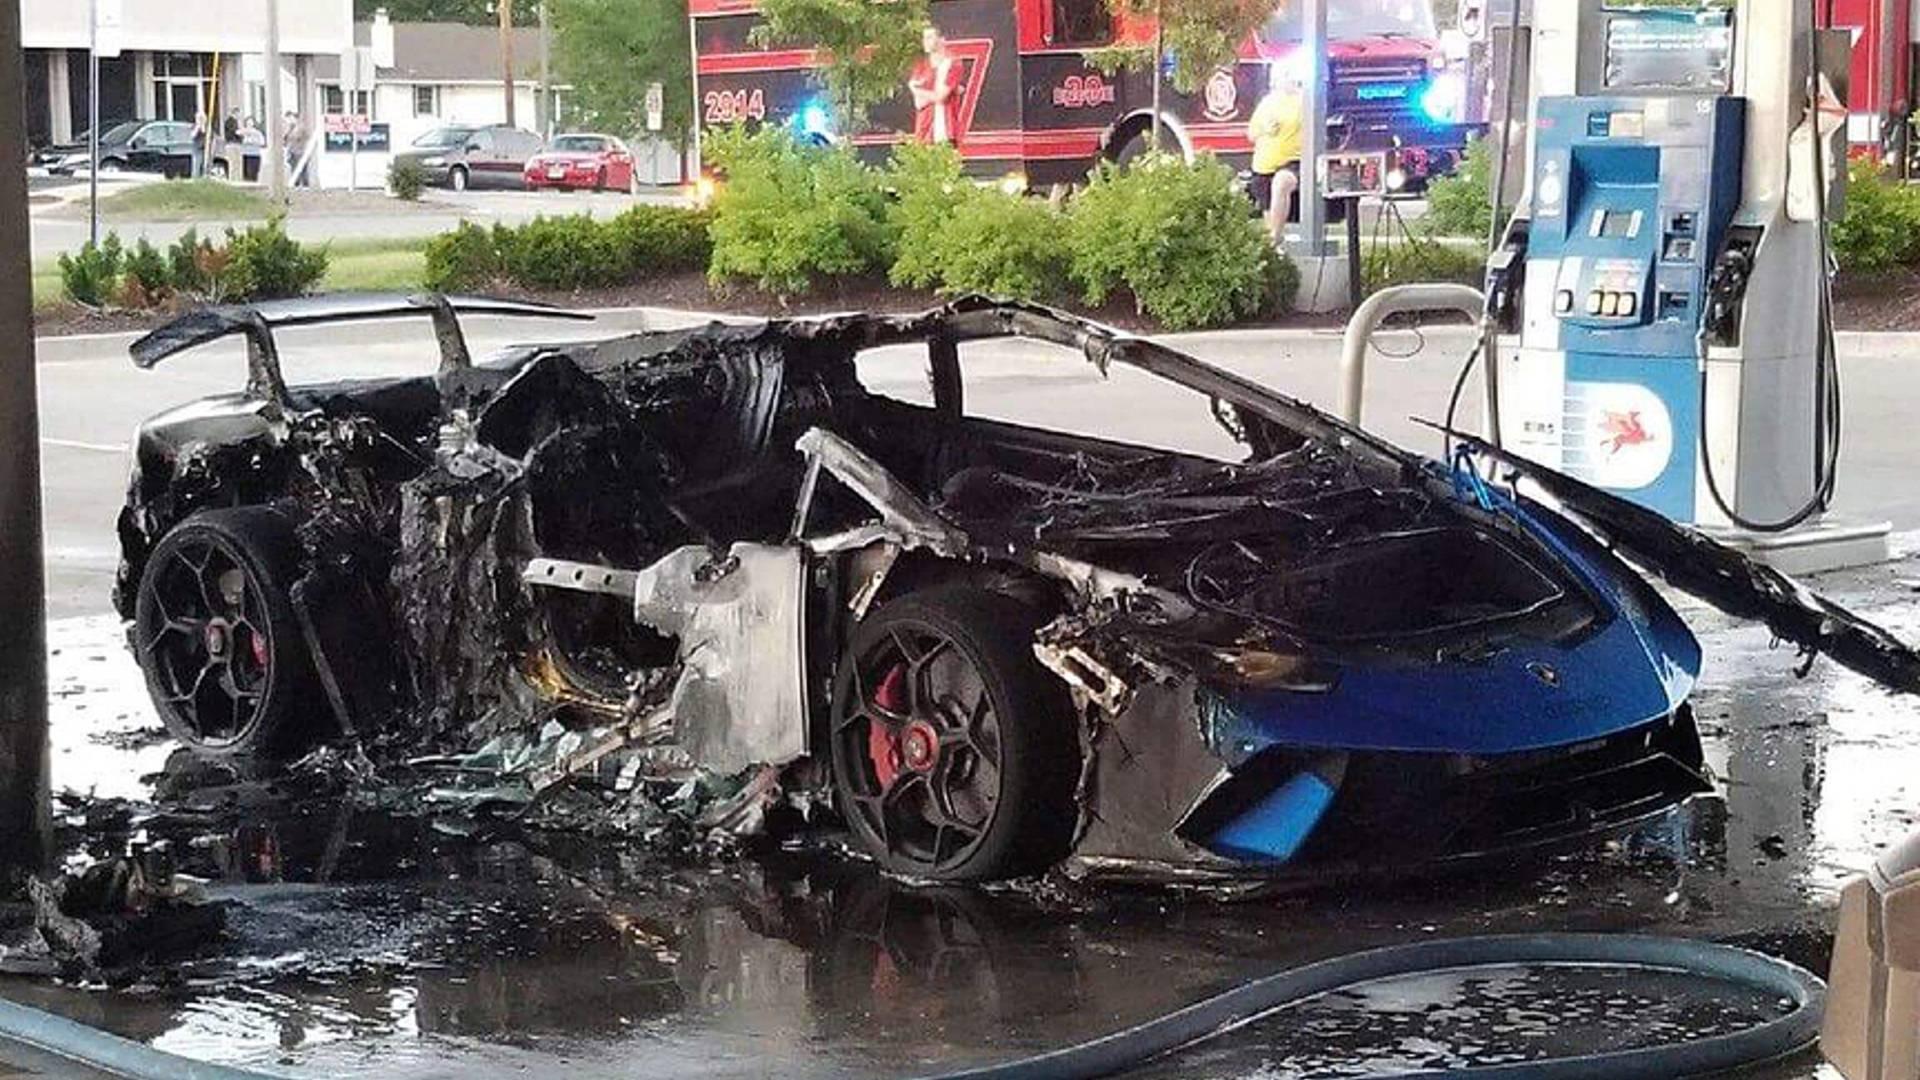 Lamborghini Huracan Meets Fiery Demise After Pump Snafu